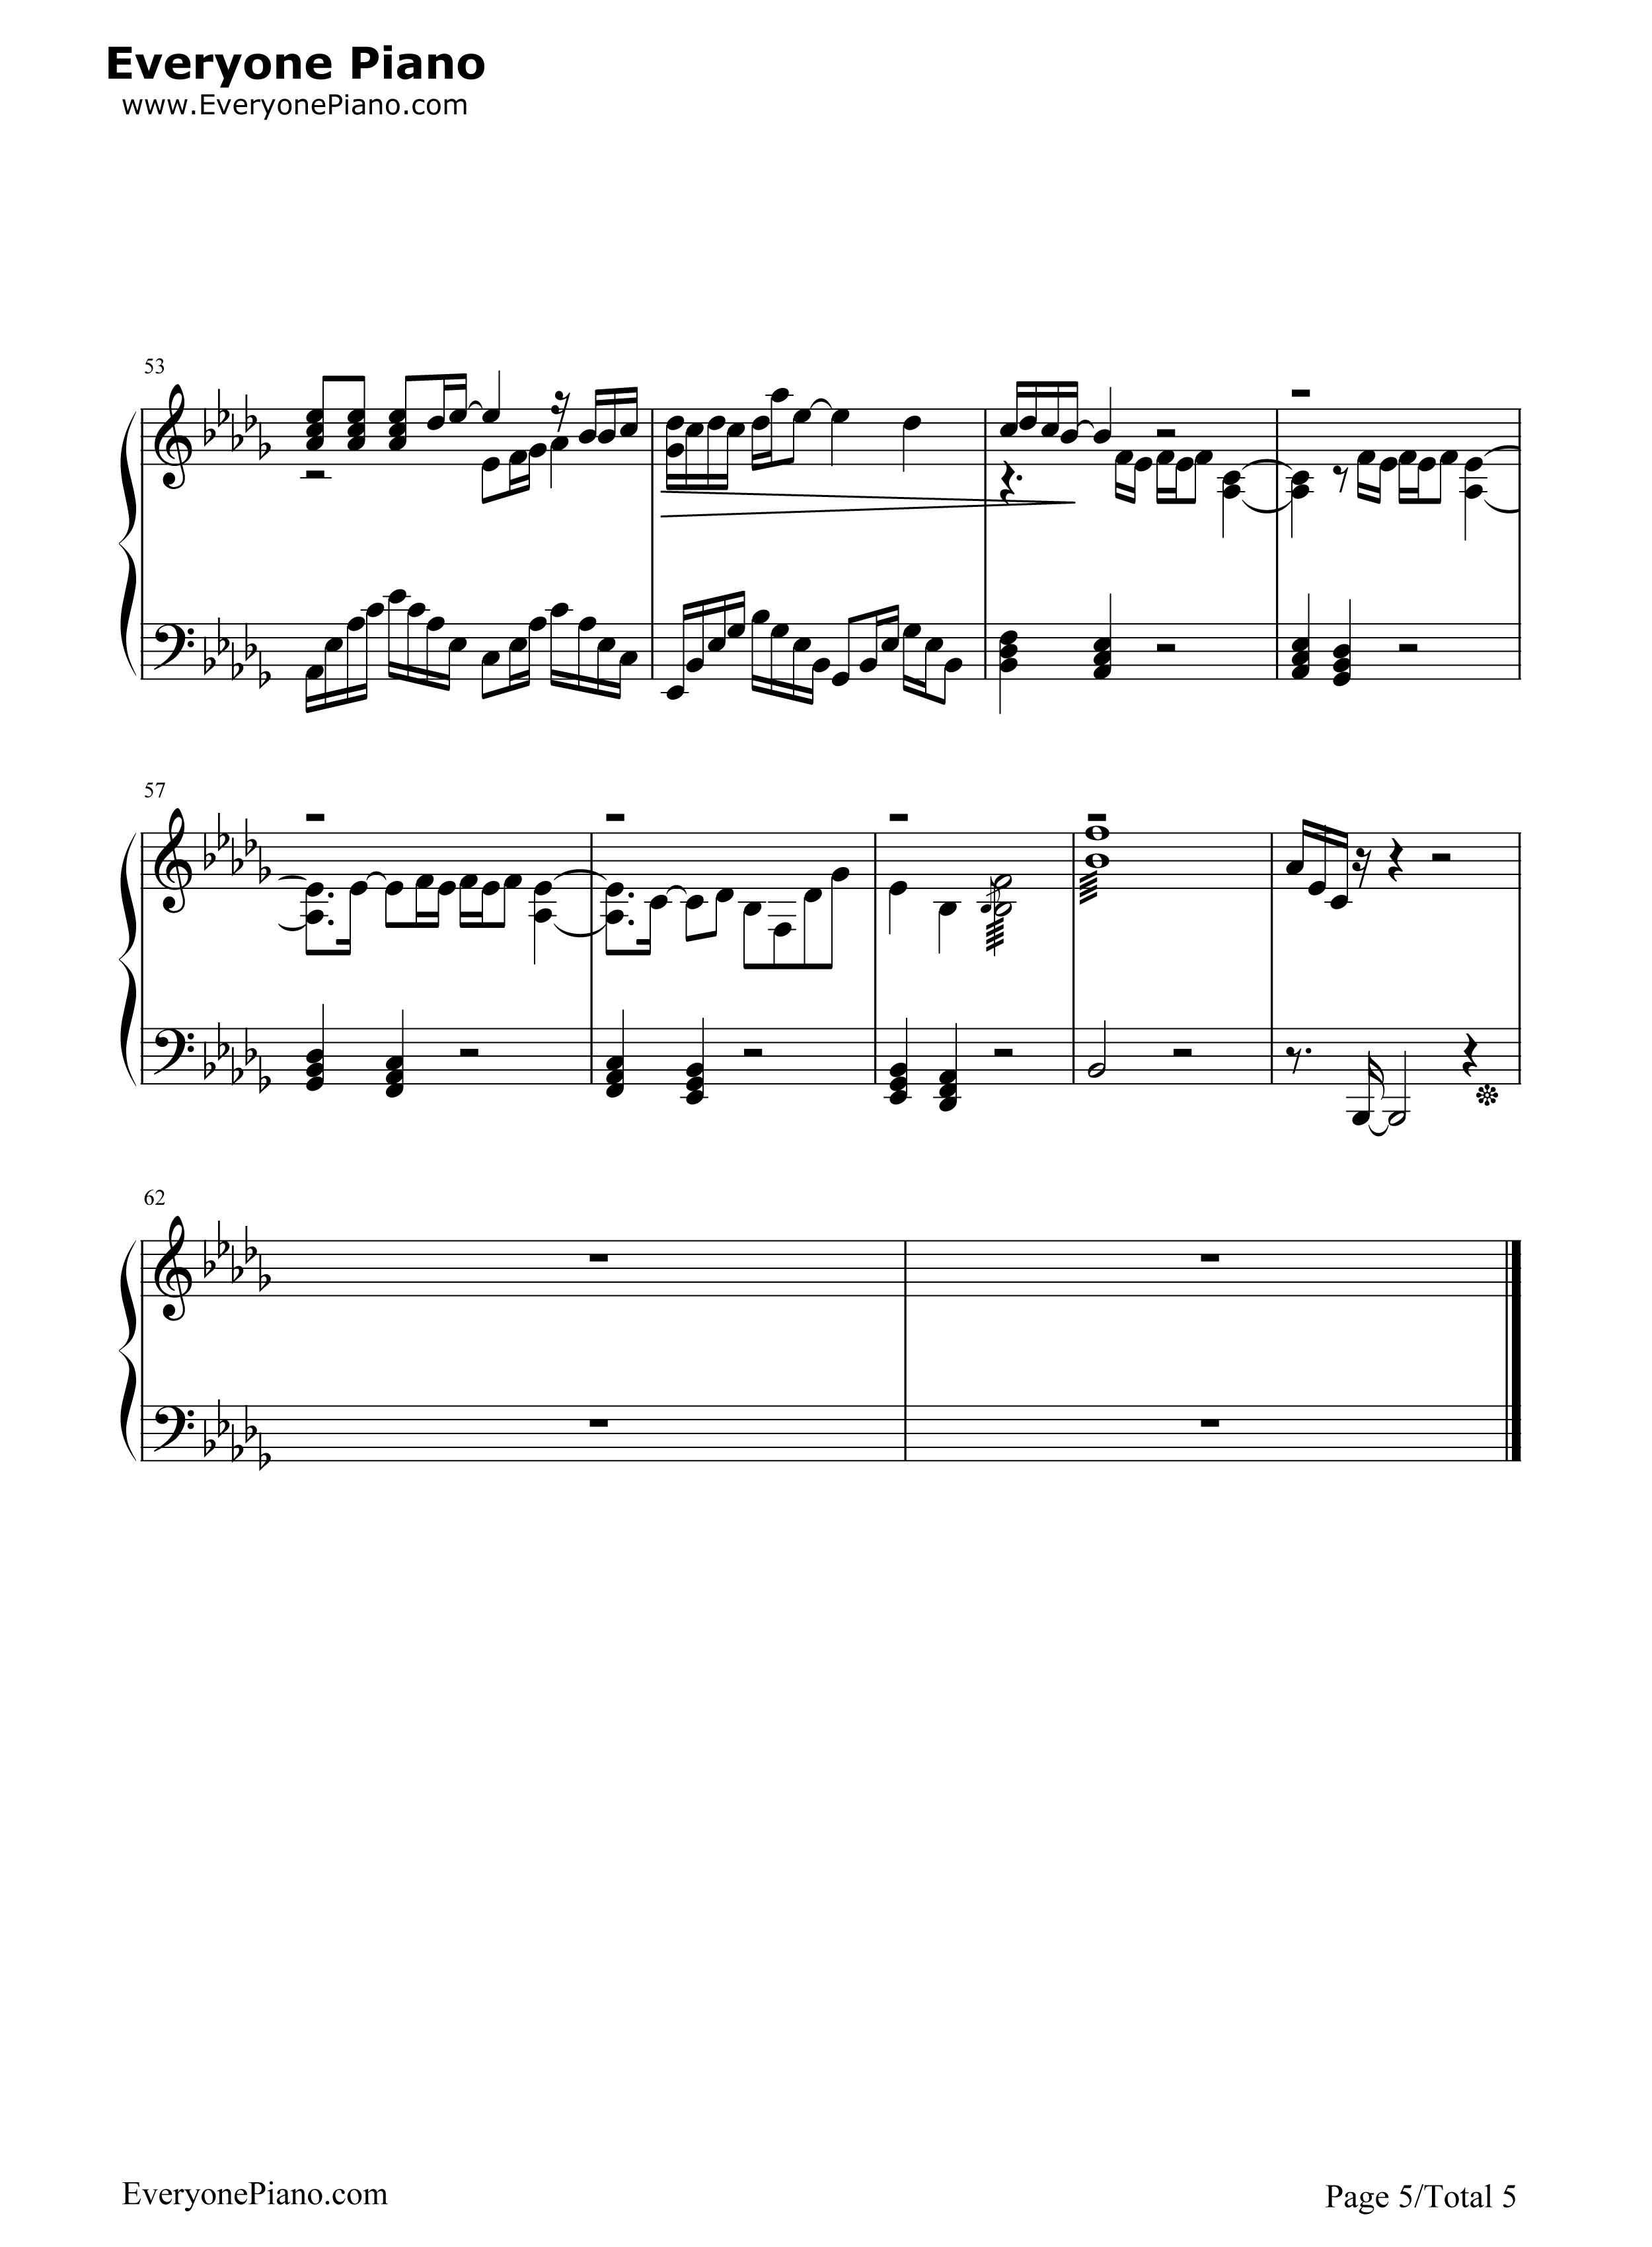 钢琴曲谱 流行 丑八怪-完整版 丑八怪-完整版五线谱预览5  }  仅供